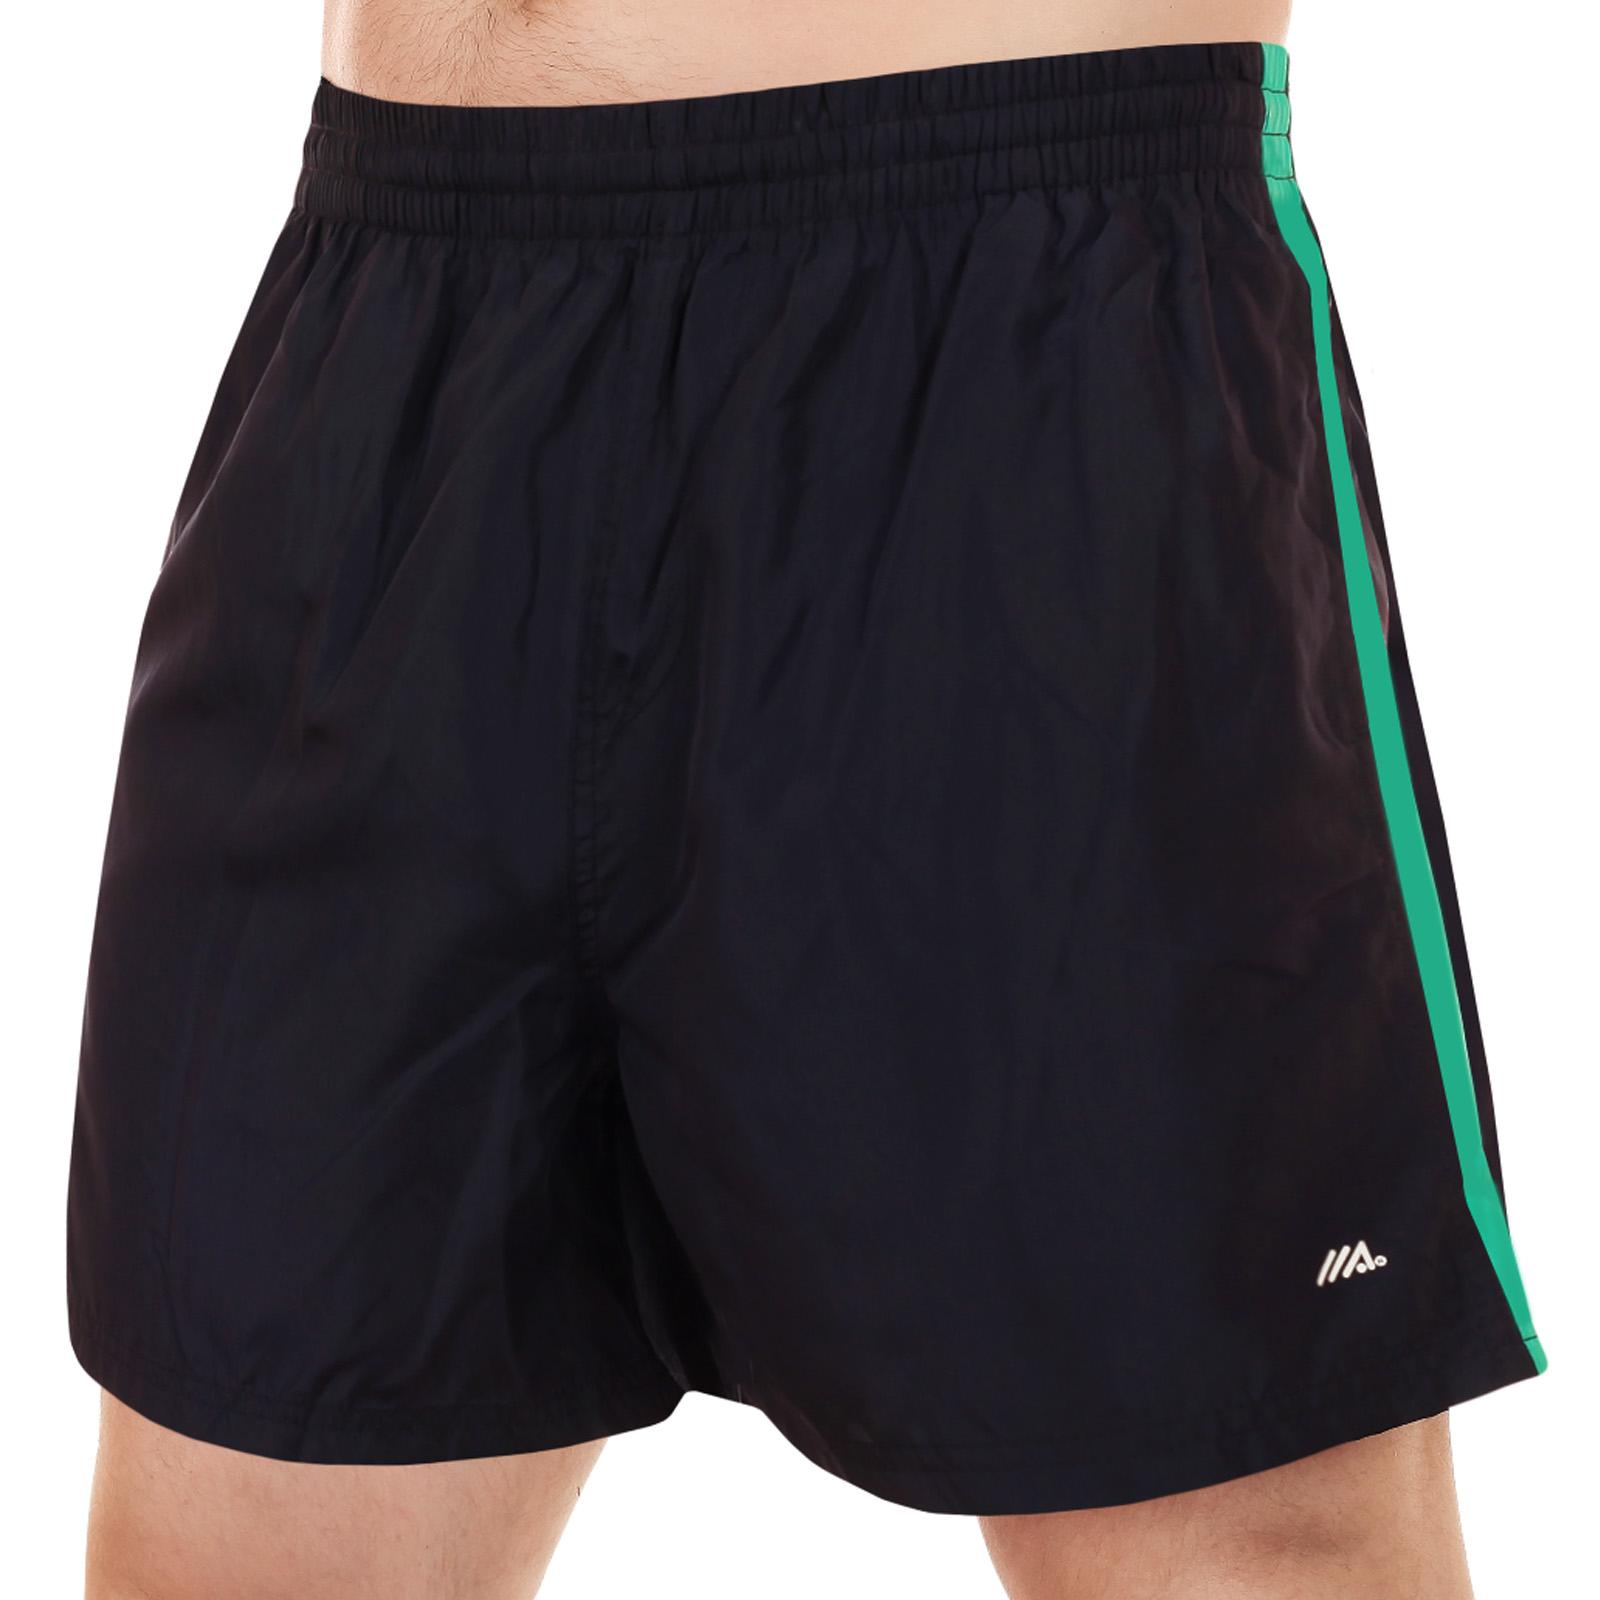 Клёвые шорты мужские для купания и спорта от MACE (Канада)